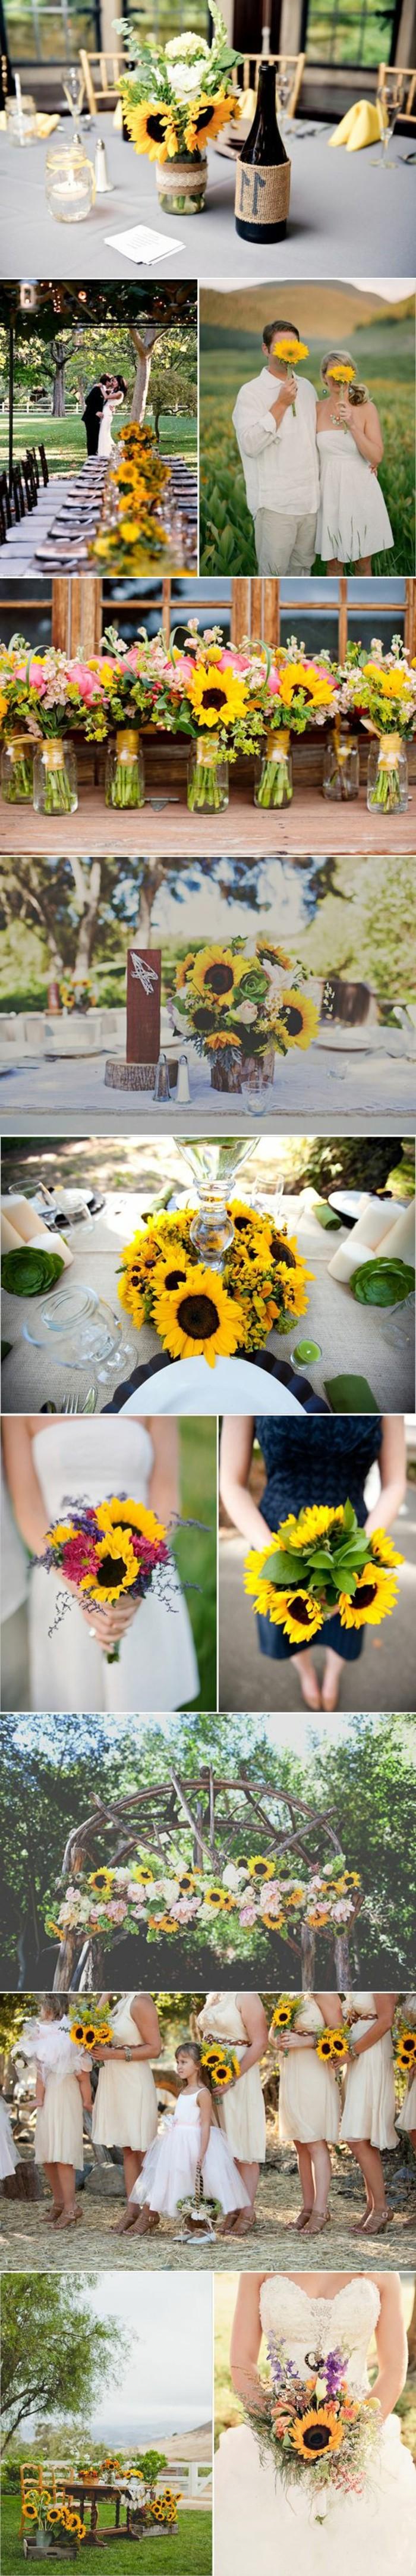 decoration-salle-de-mariage-avec-des-tournesols-jaunes-deco-table ...